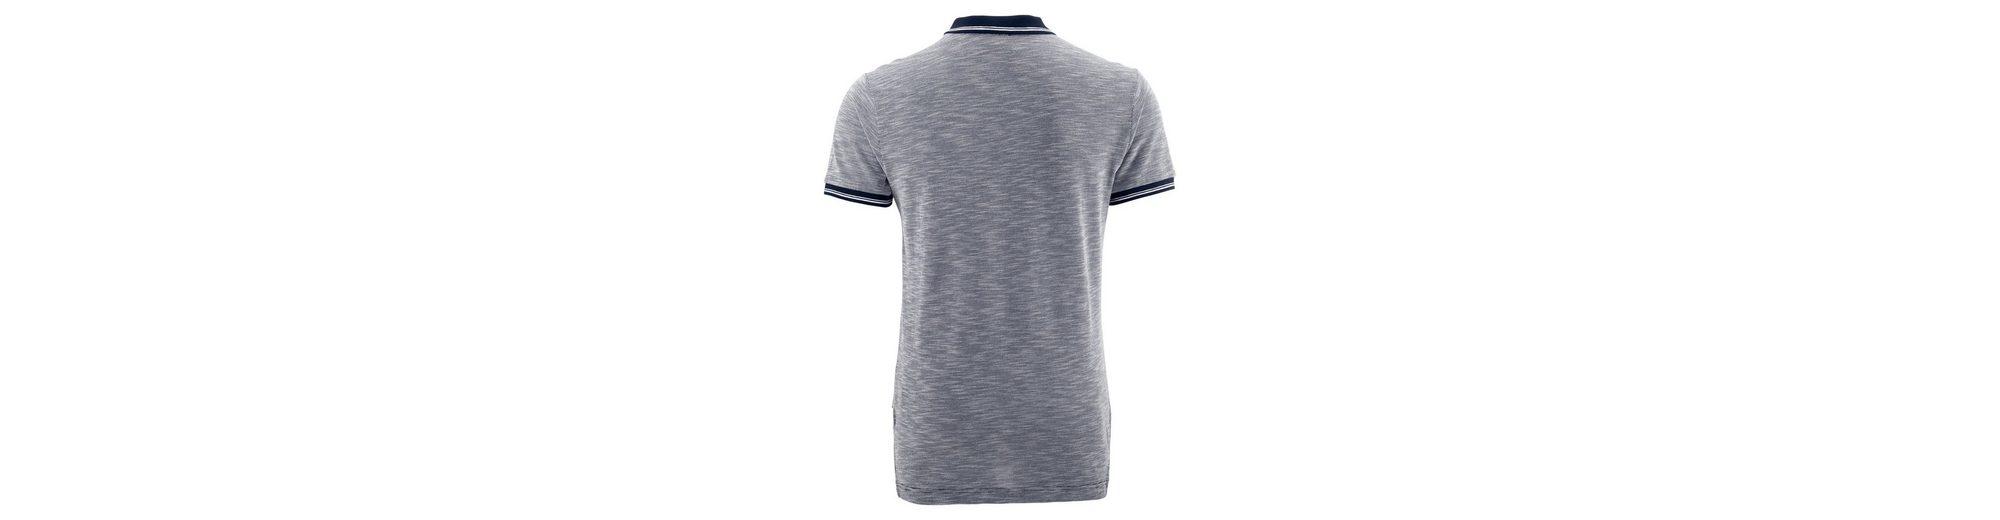 Billig Authentisch Auslass Kathmandu Polo-Shirt Batu Frei Für Verkauf Viele Arten Von Online-Verkauf Neueste Online sAN4SdID6